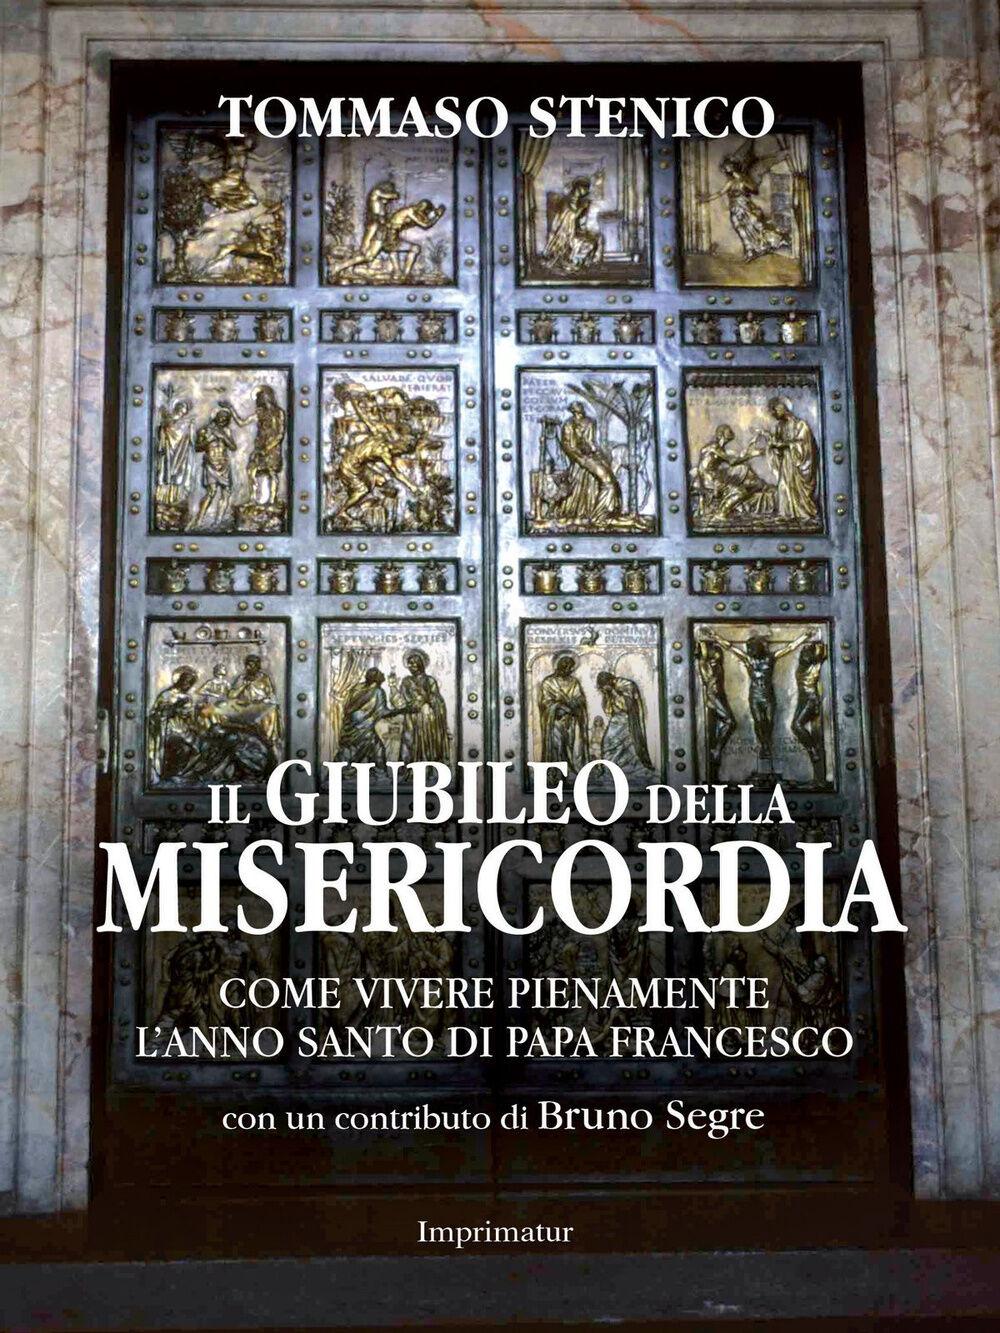 Il giubileo della misericordia. Come vivere pienamente l'anno santo di papa Francesco